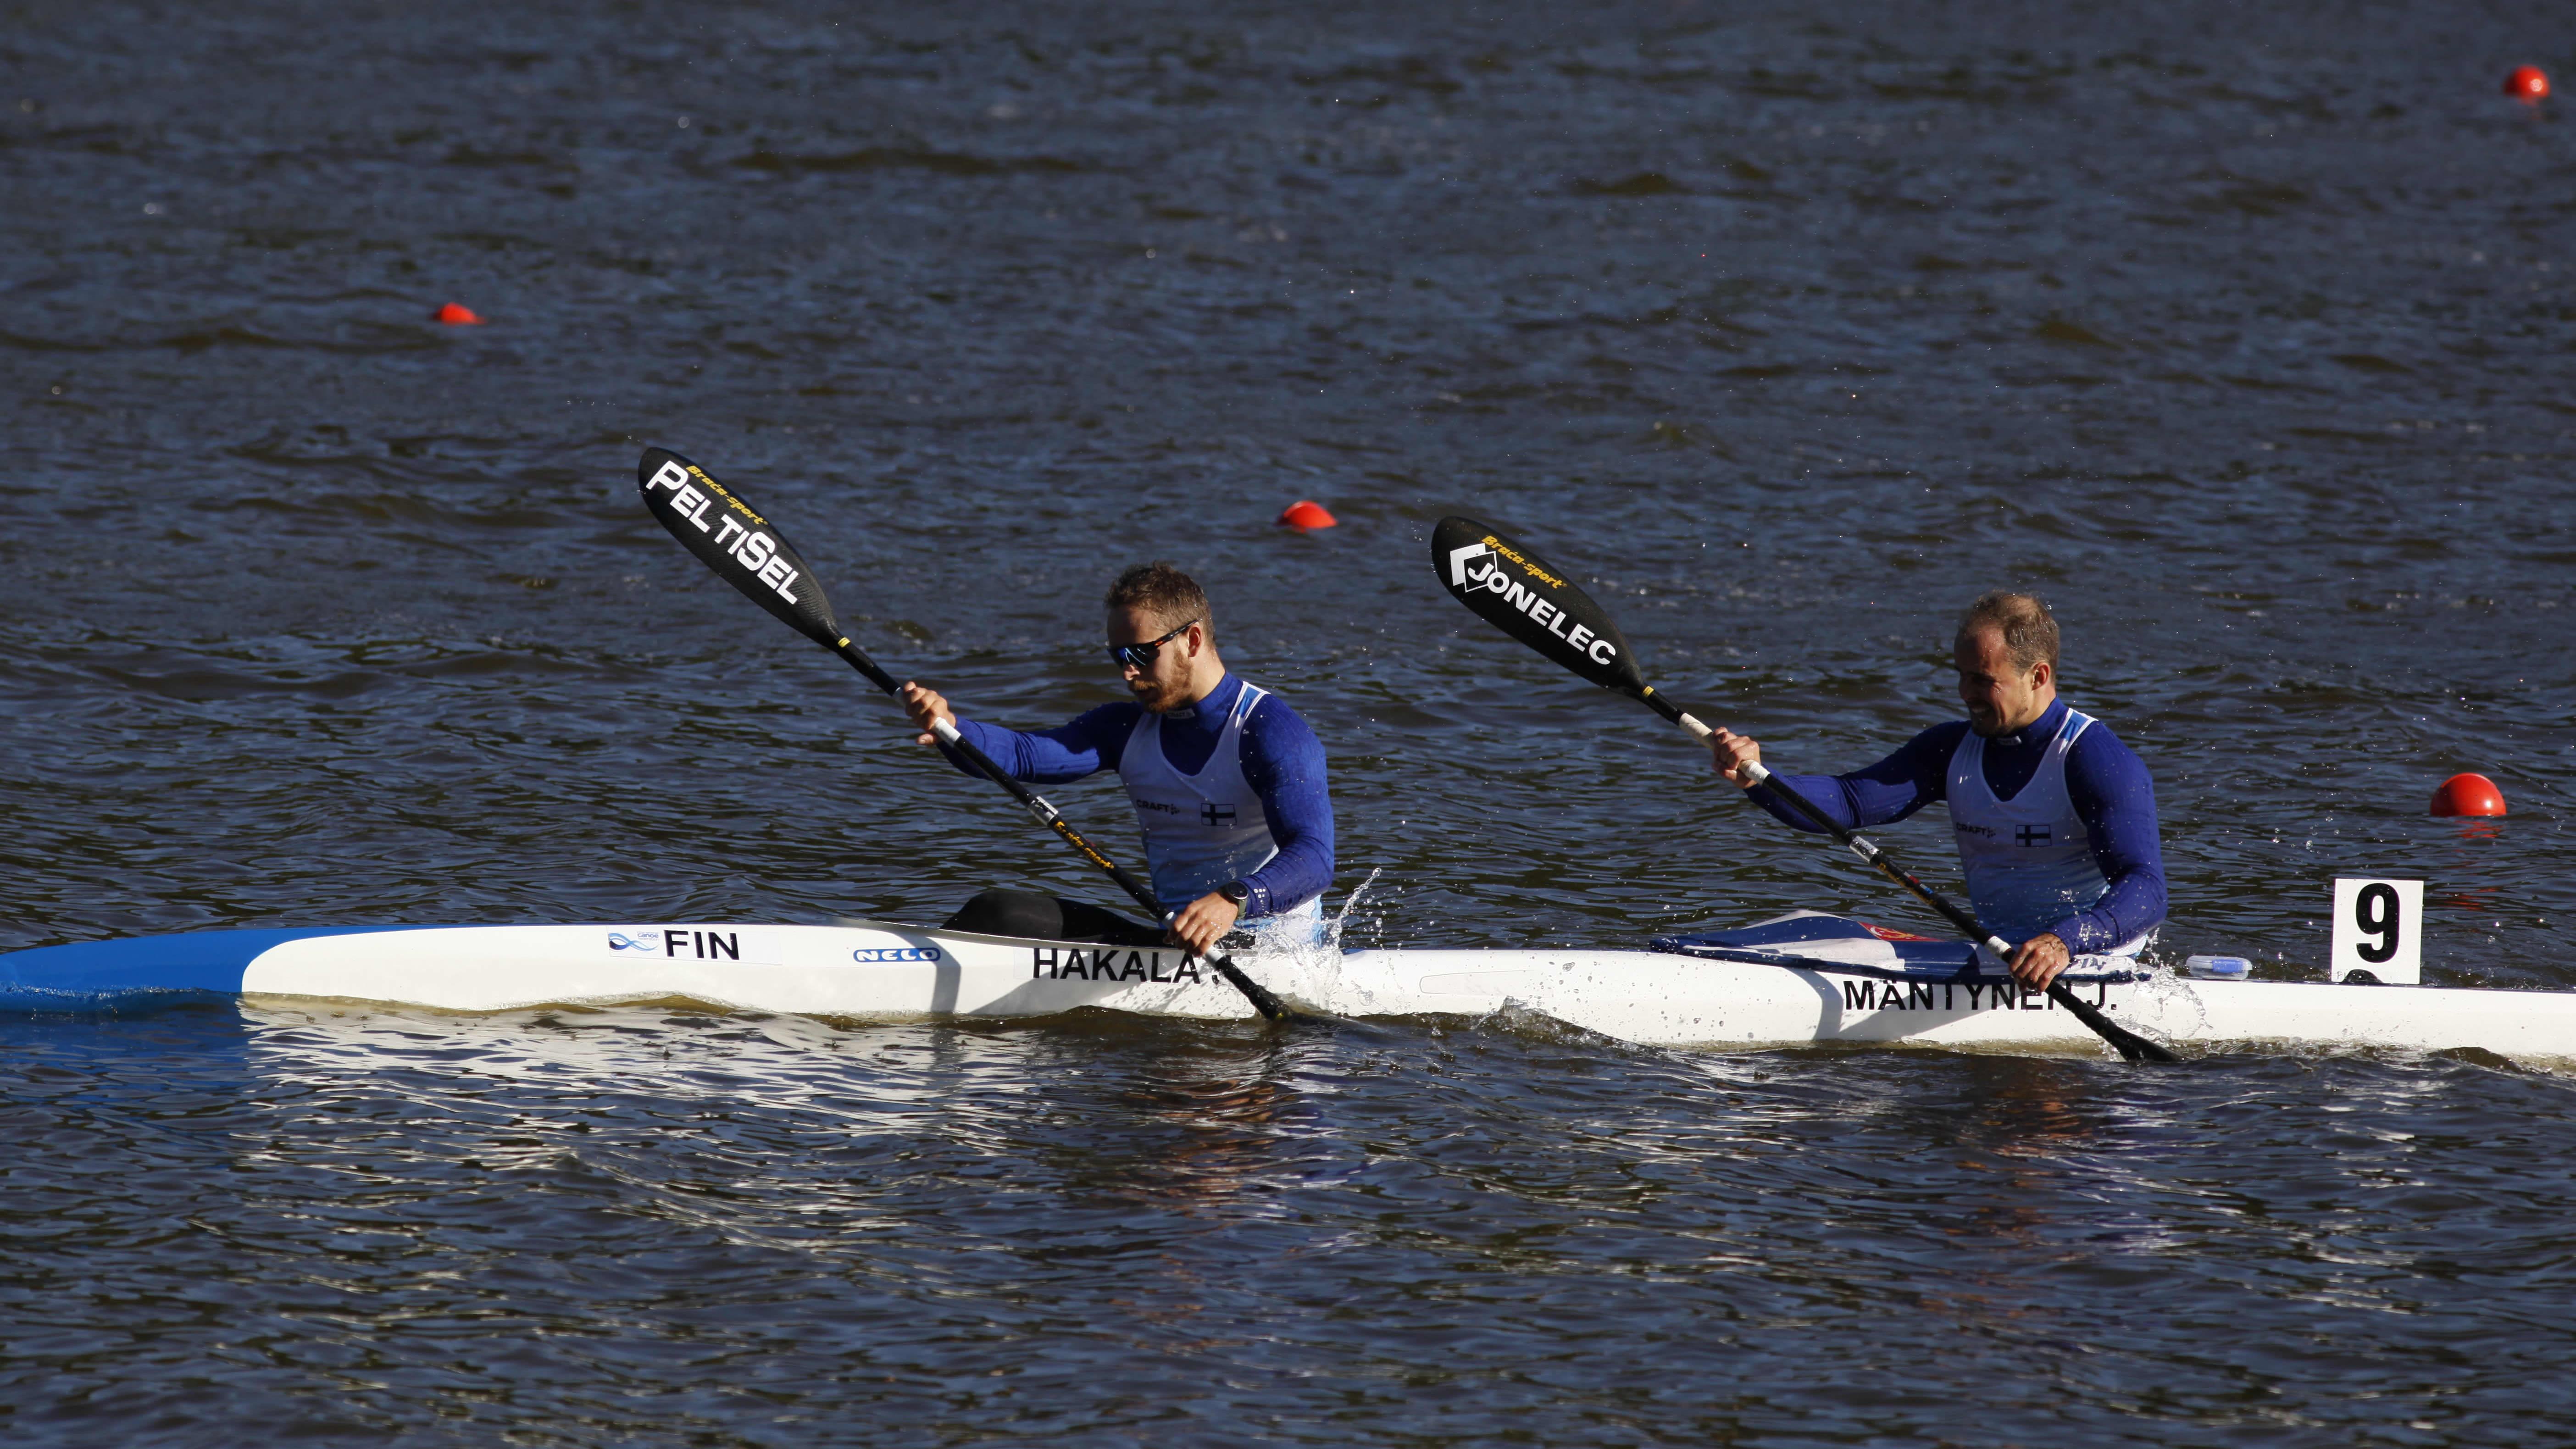 Jeremy Hakala ja Joona Mäntynen kuvassa.